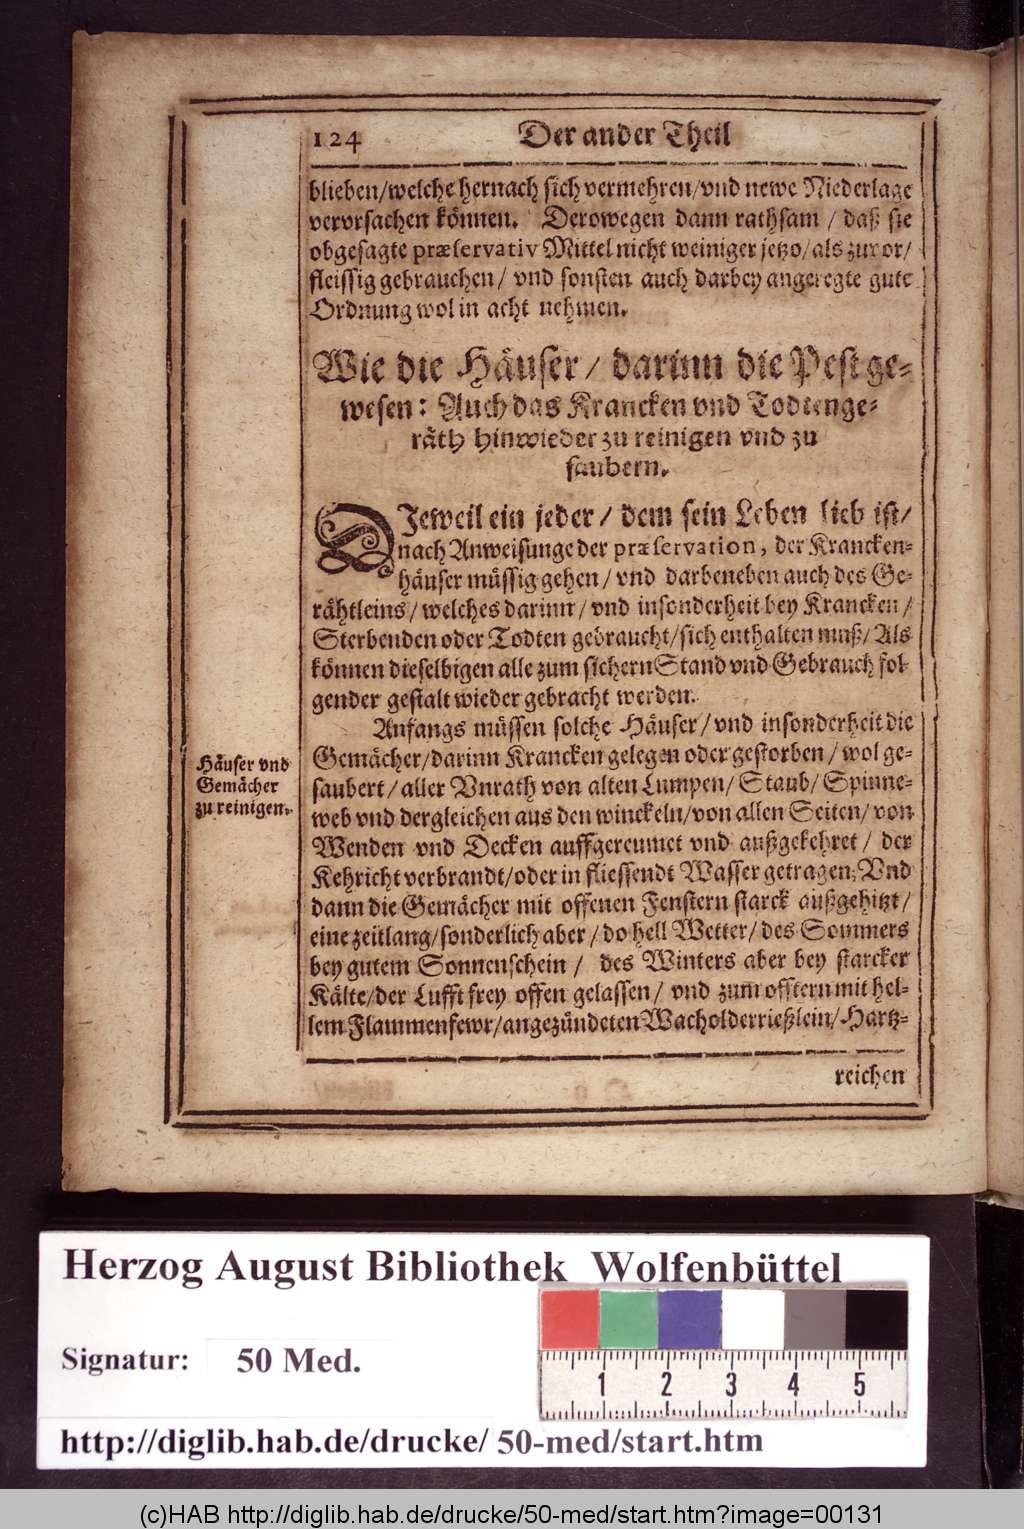 http://diglib.hab.de/drucke/50-med/00131.jpg